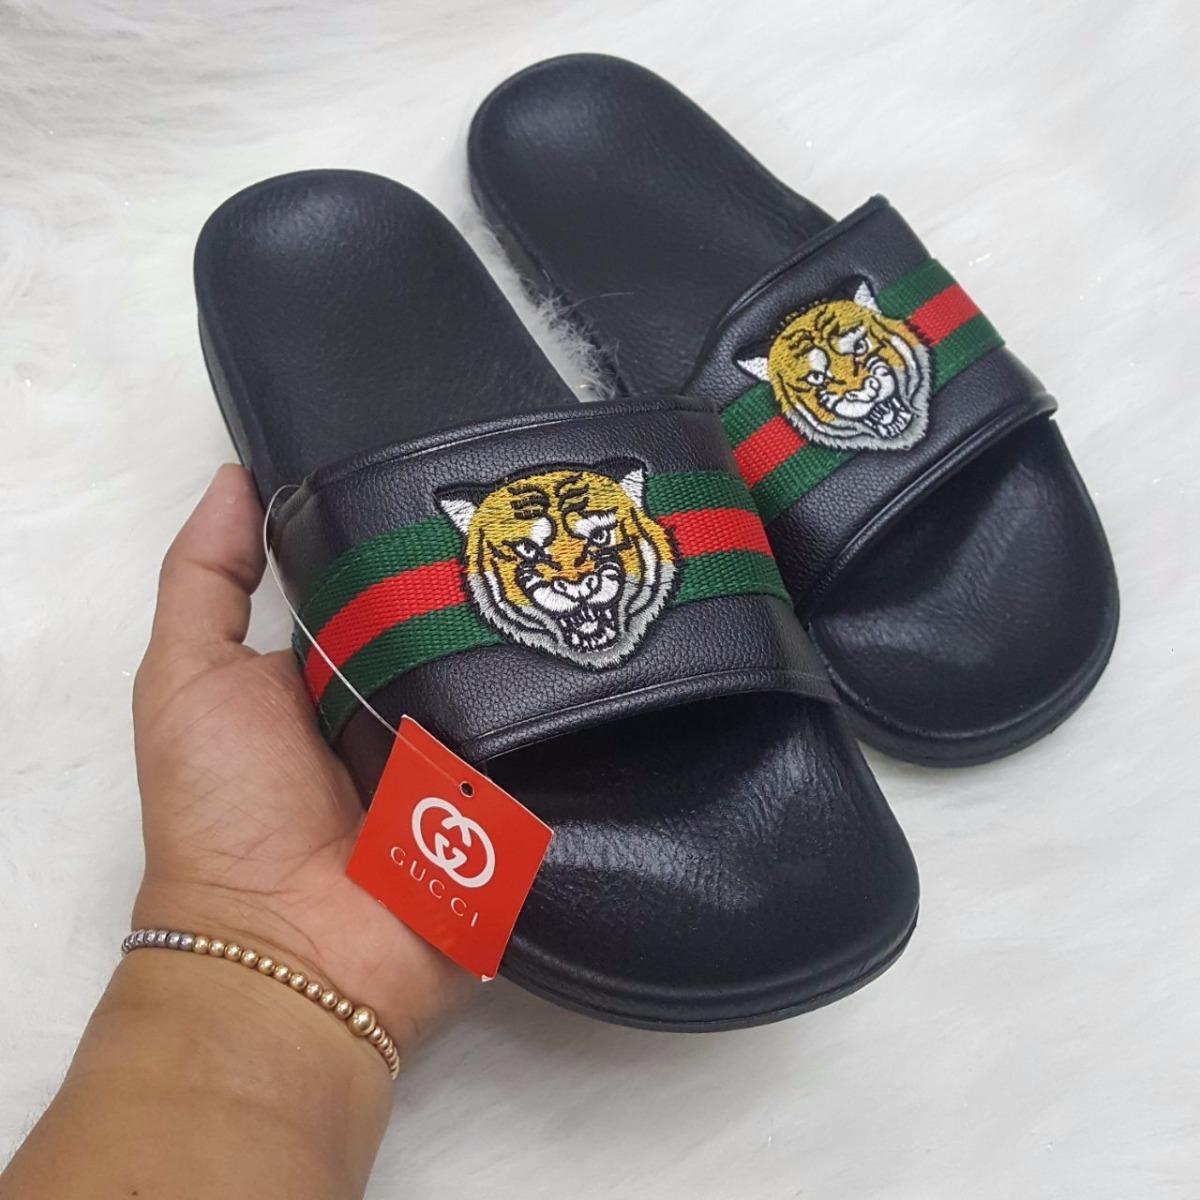 Sandalias Gucci Para Hombre   129 000 en Mercado Libre cdd649aba51